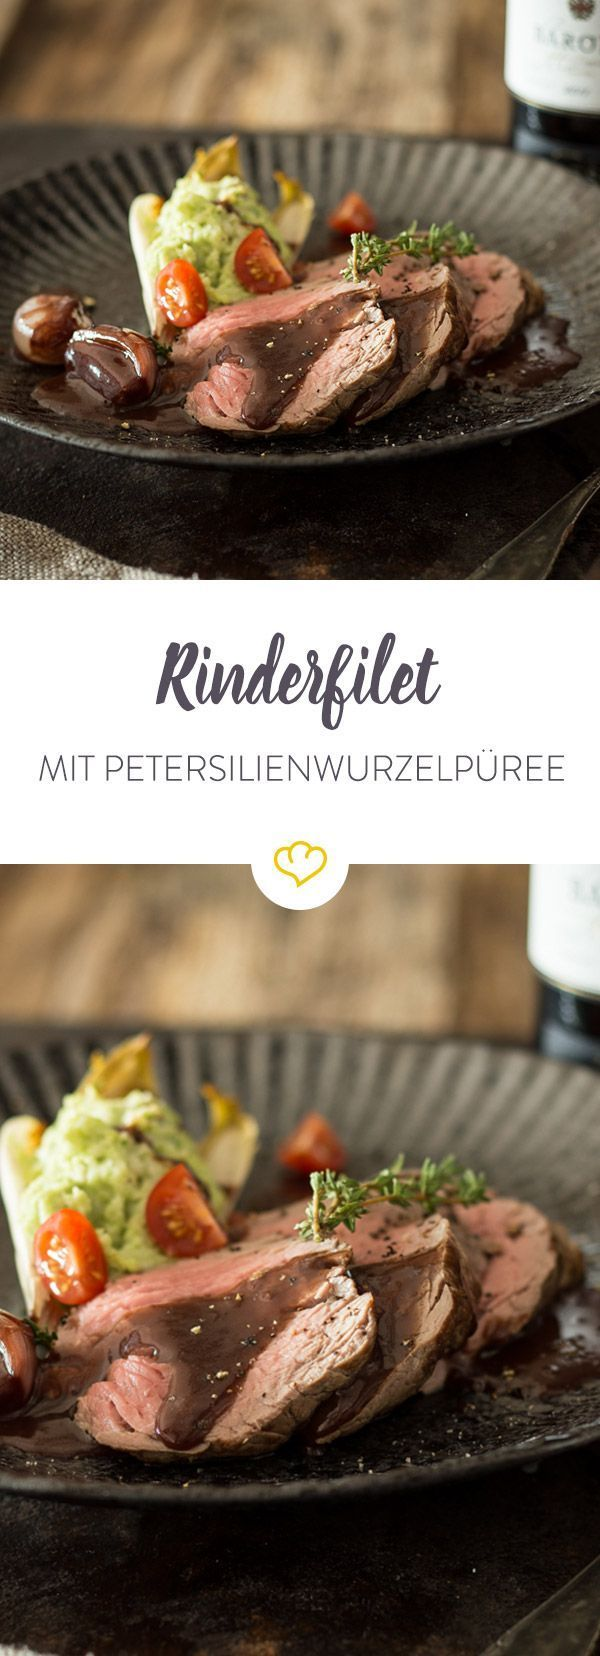 Zart gegartes Rinderfilet gesellt sich zu aromatischem Petersilienwurzel-Püree und karamellisierten Zwiebeln, die ein Barolosauce gebadet haben.